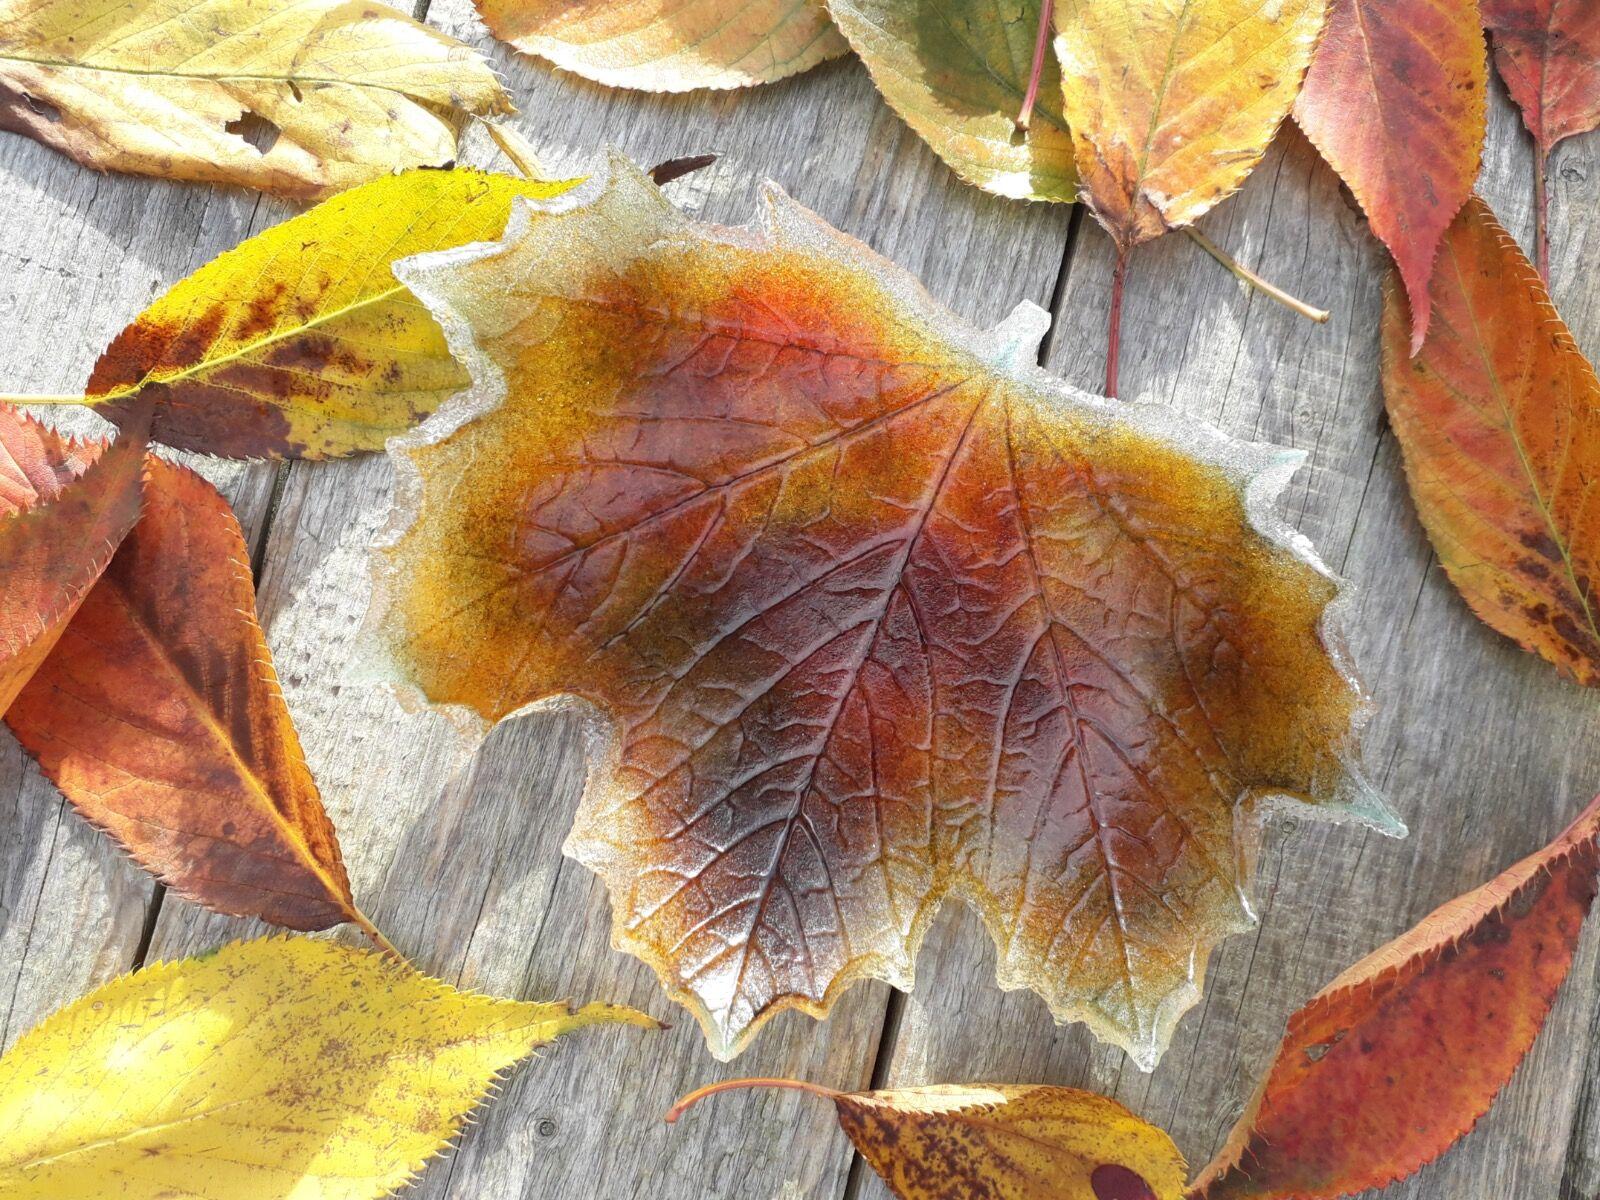 Fallen Leaf Dish